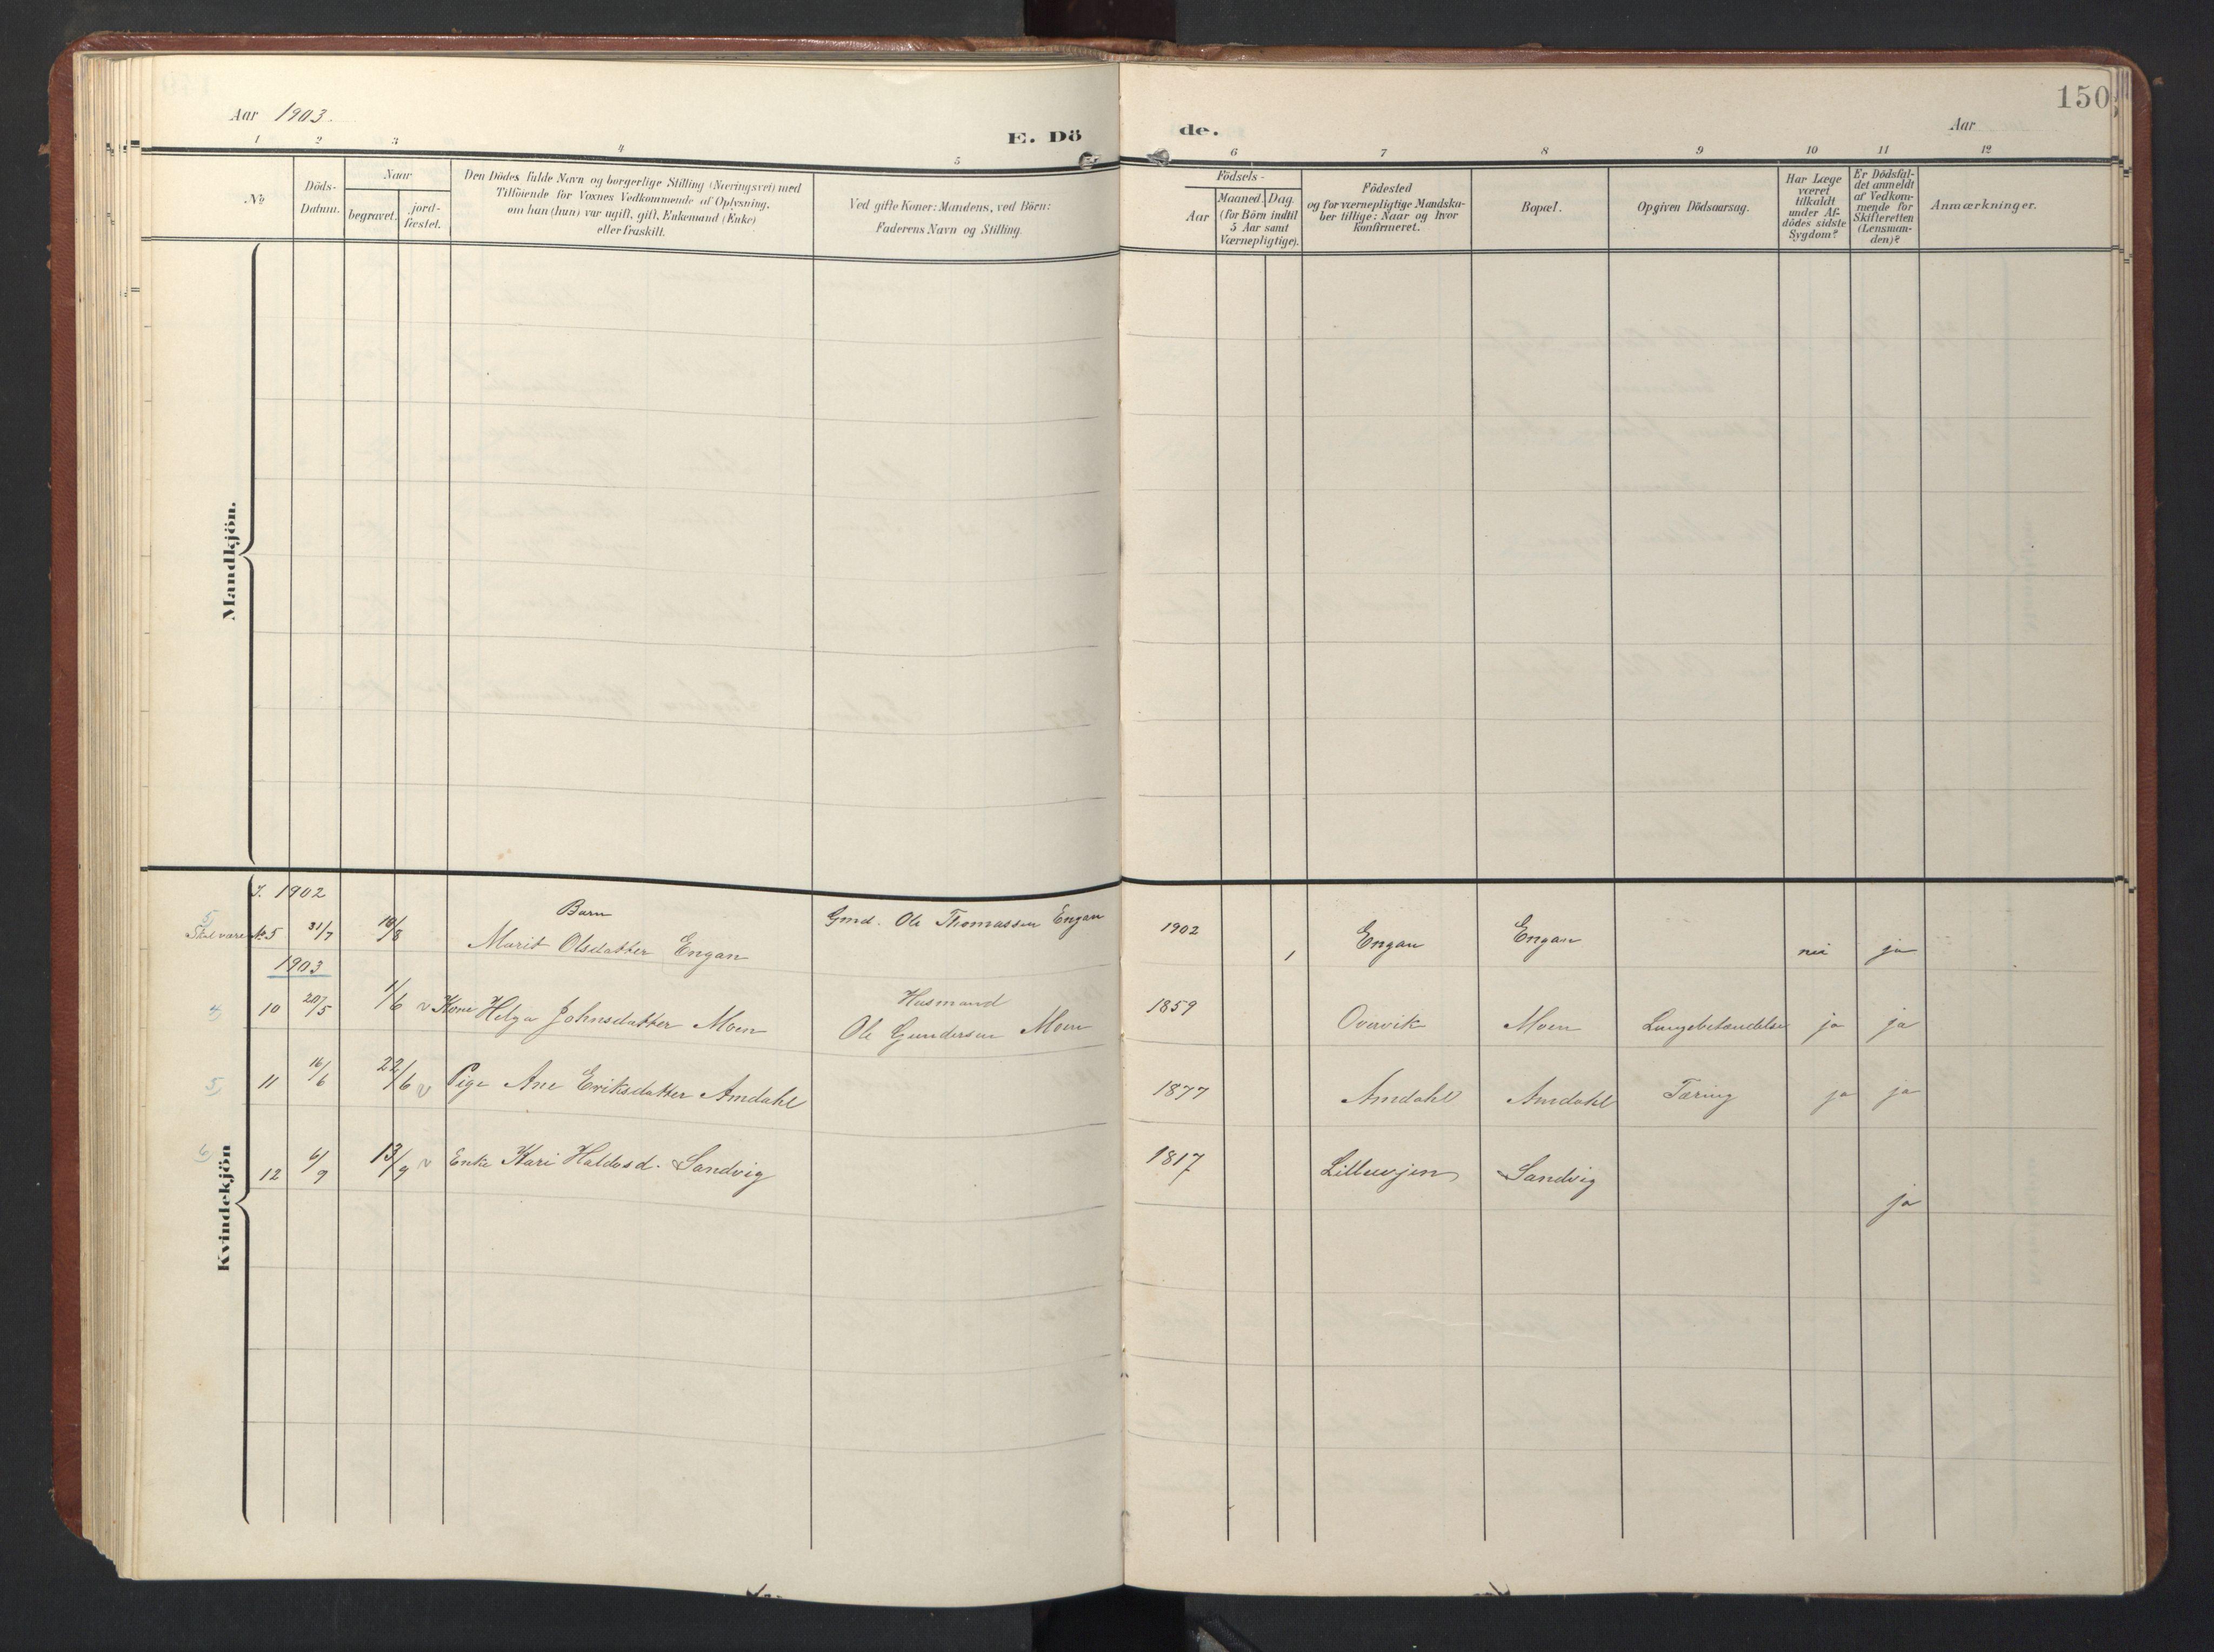 SAT, Ministerialprotokoller, klokkerbøker og fødselsregistre - Sør-Trøndelag, 696/L1161: Klokkerbok nr. 696C01, 1902-1950, s. 150